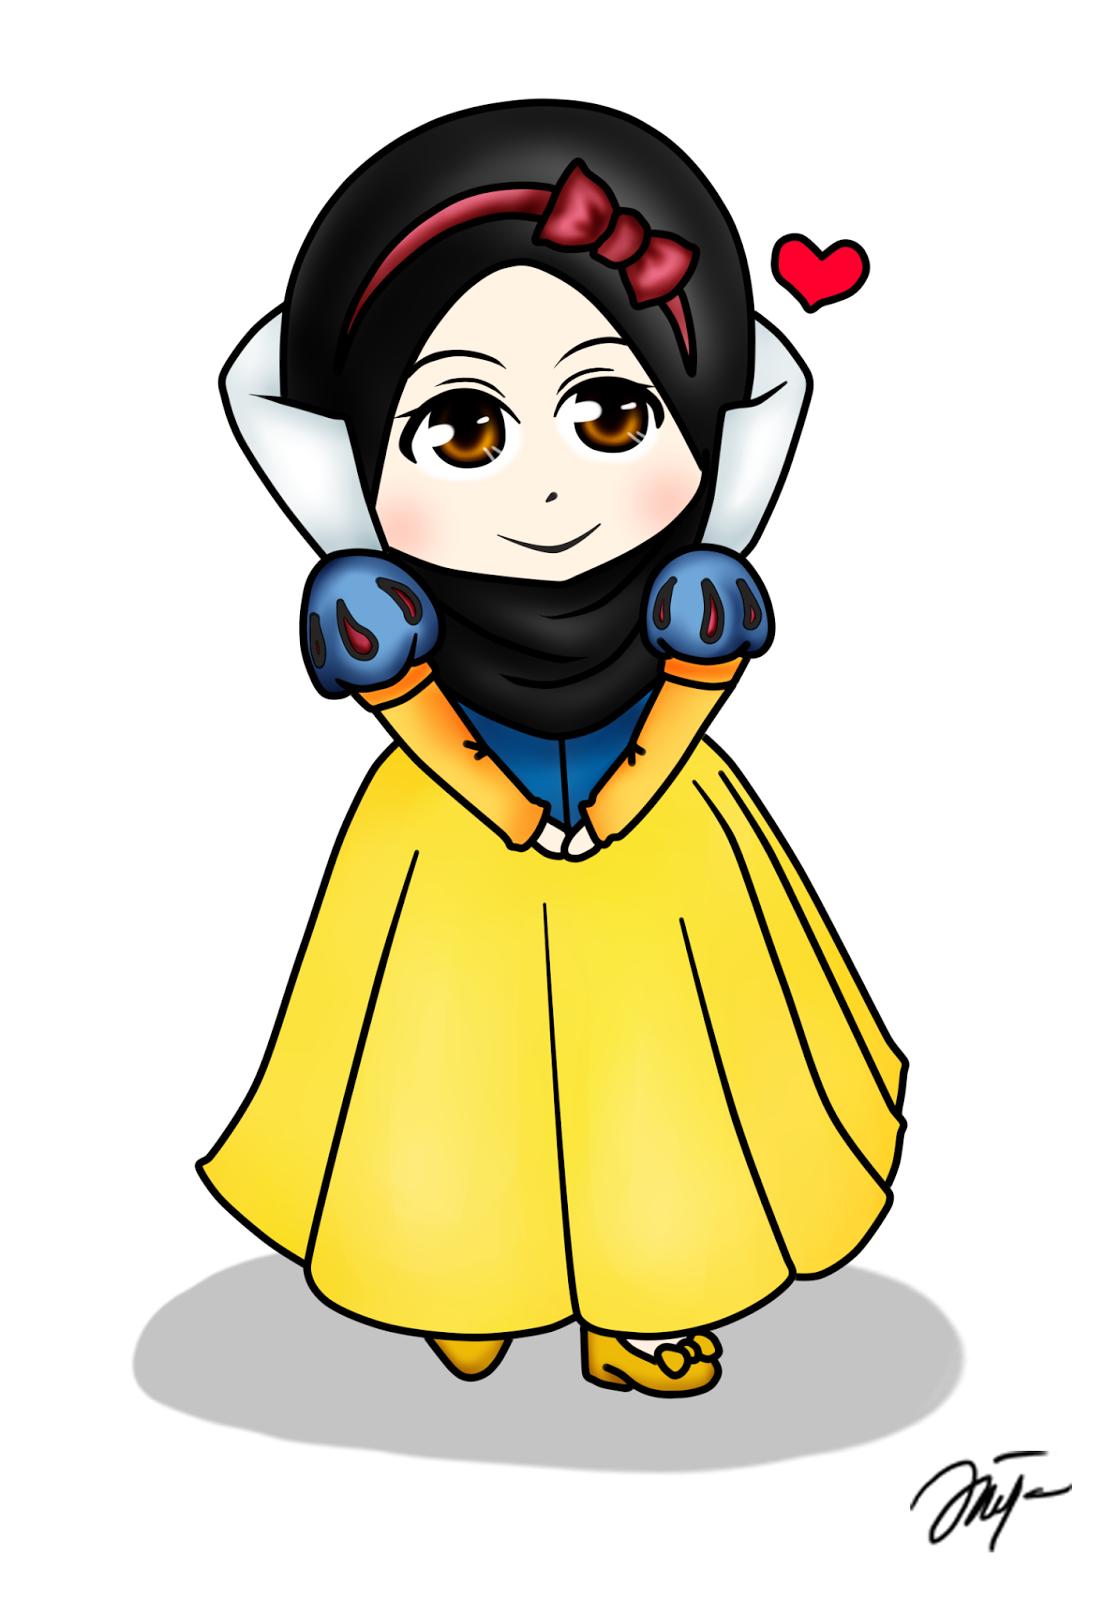 Diya Hanun Chibi doodle Disney Princess Hijab Version Part 1